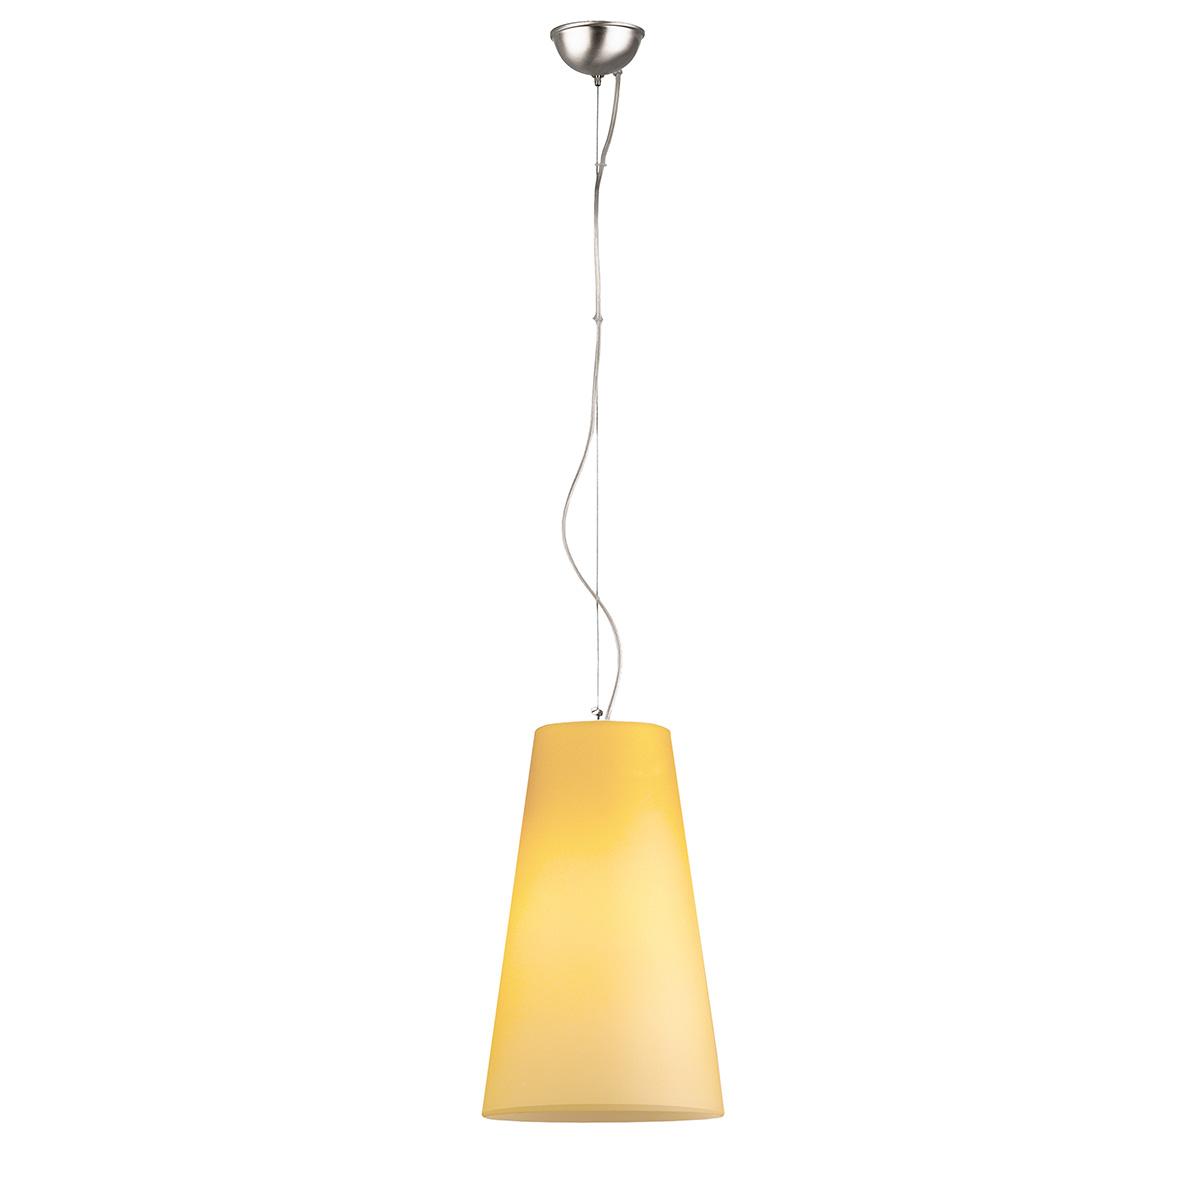 Μοντέρνο φωτιστικό ΜΑΡΙΟΝΕΤΕΣ murano suspension lamp